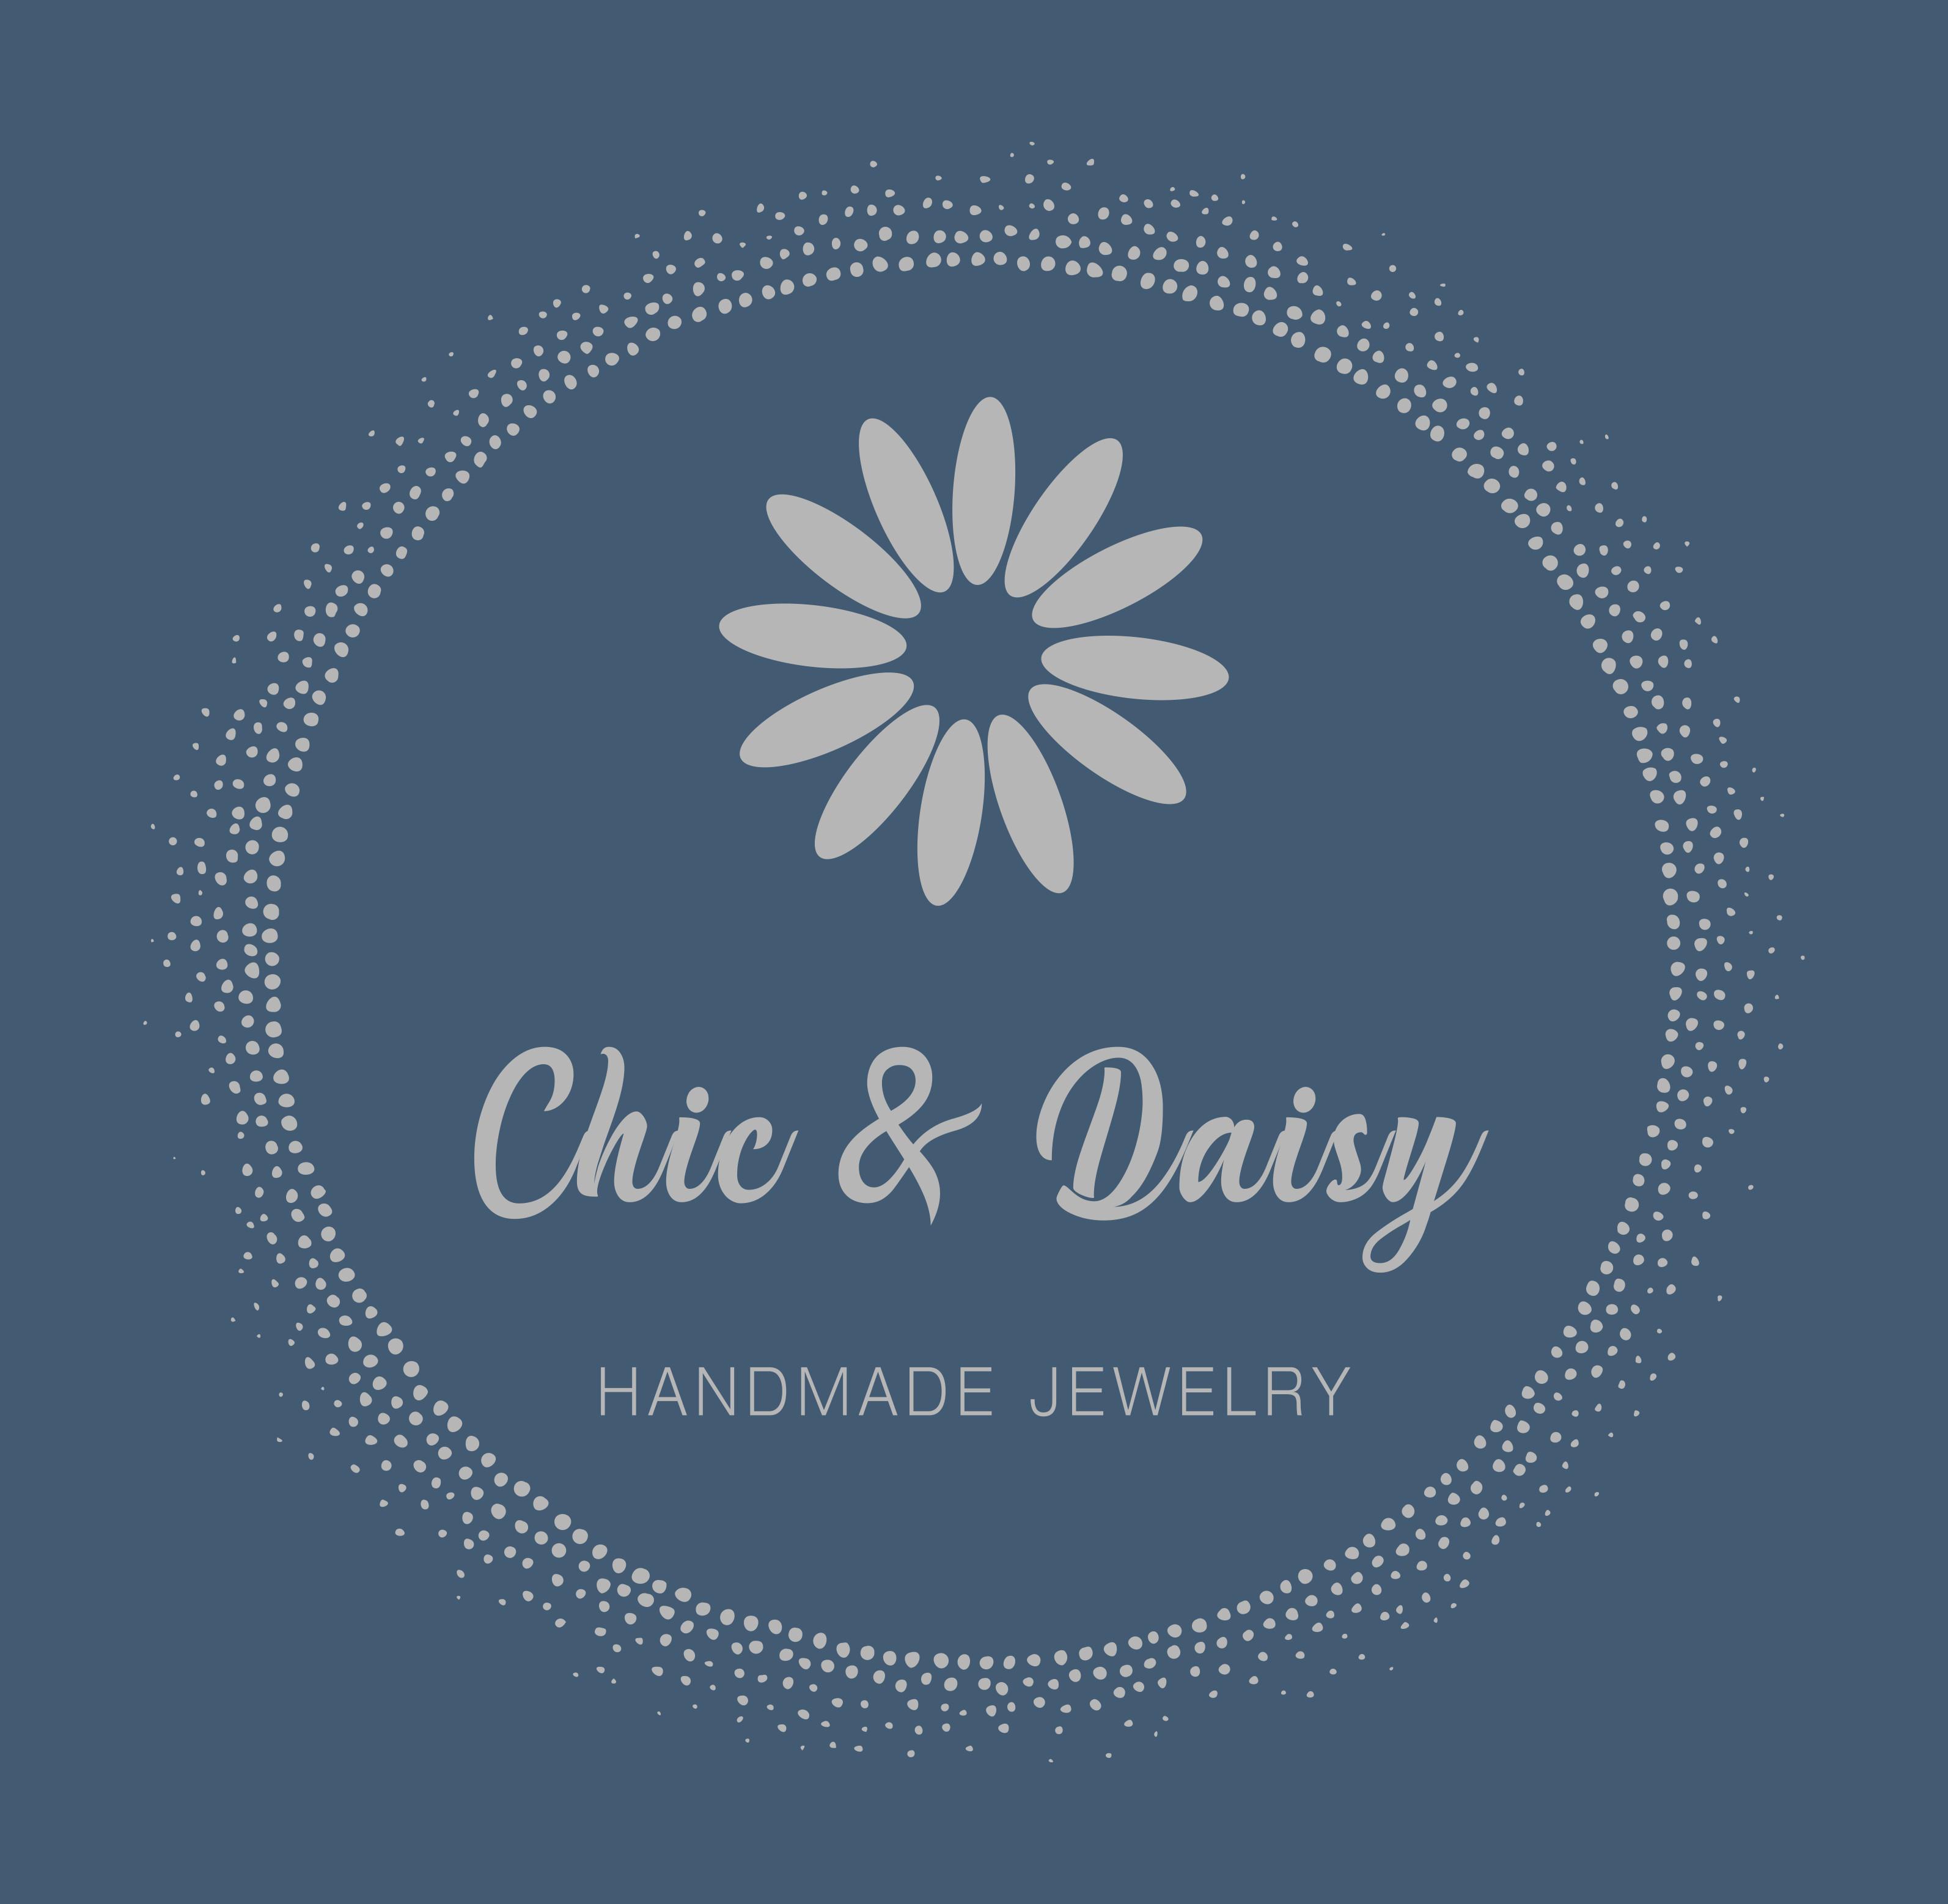 Chic & Daisy